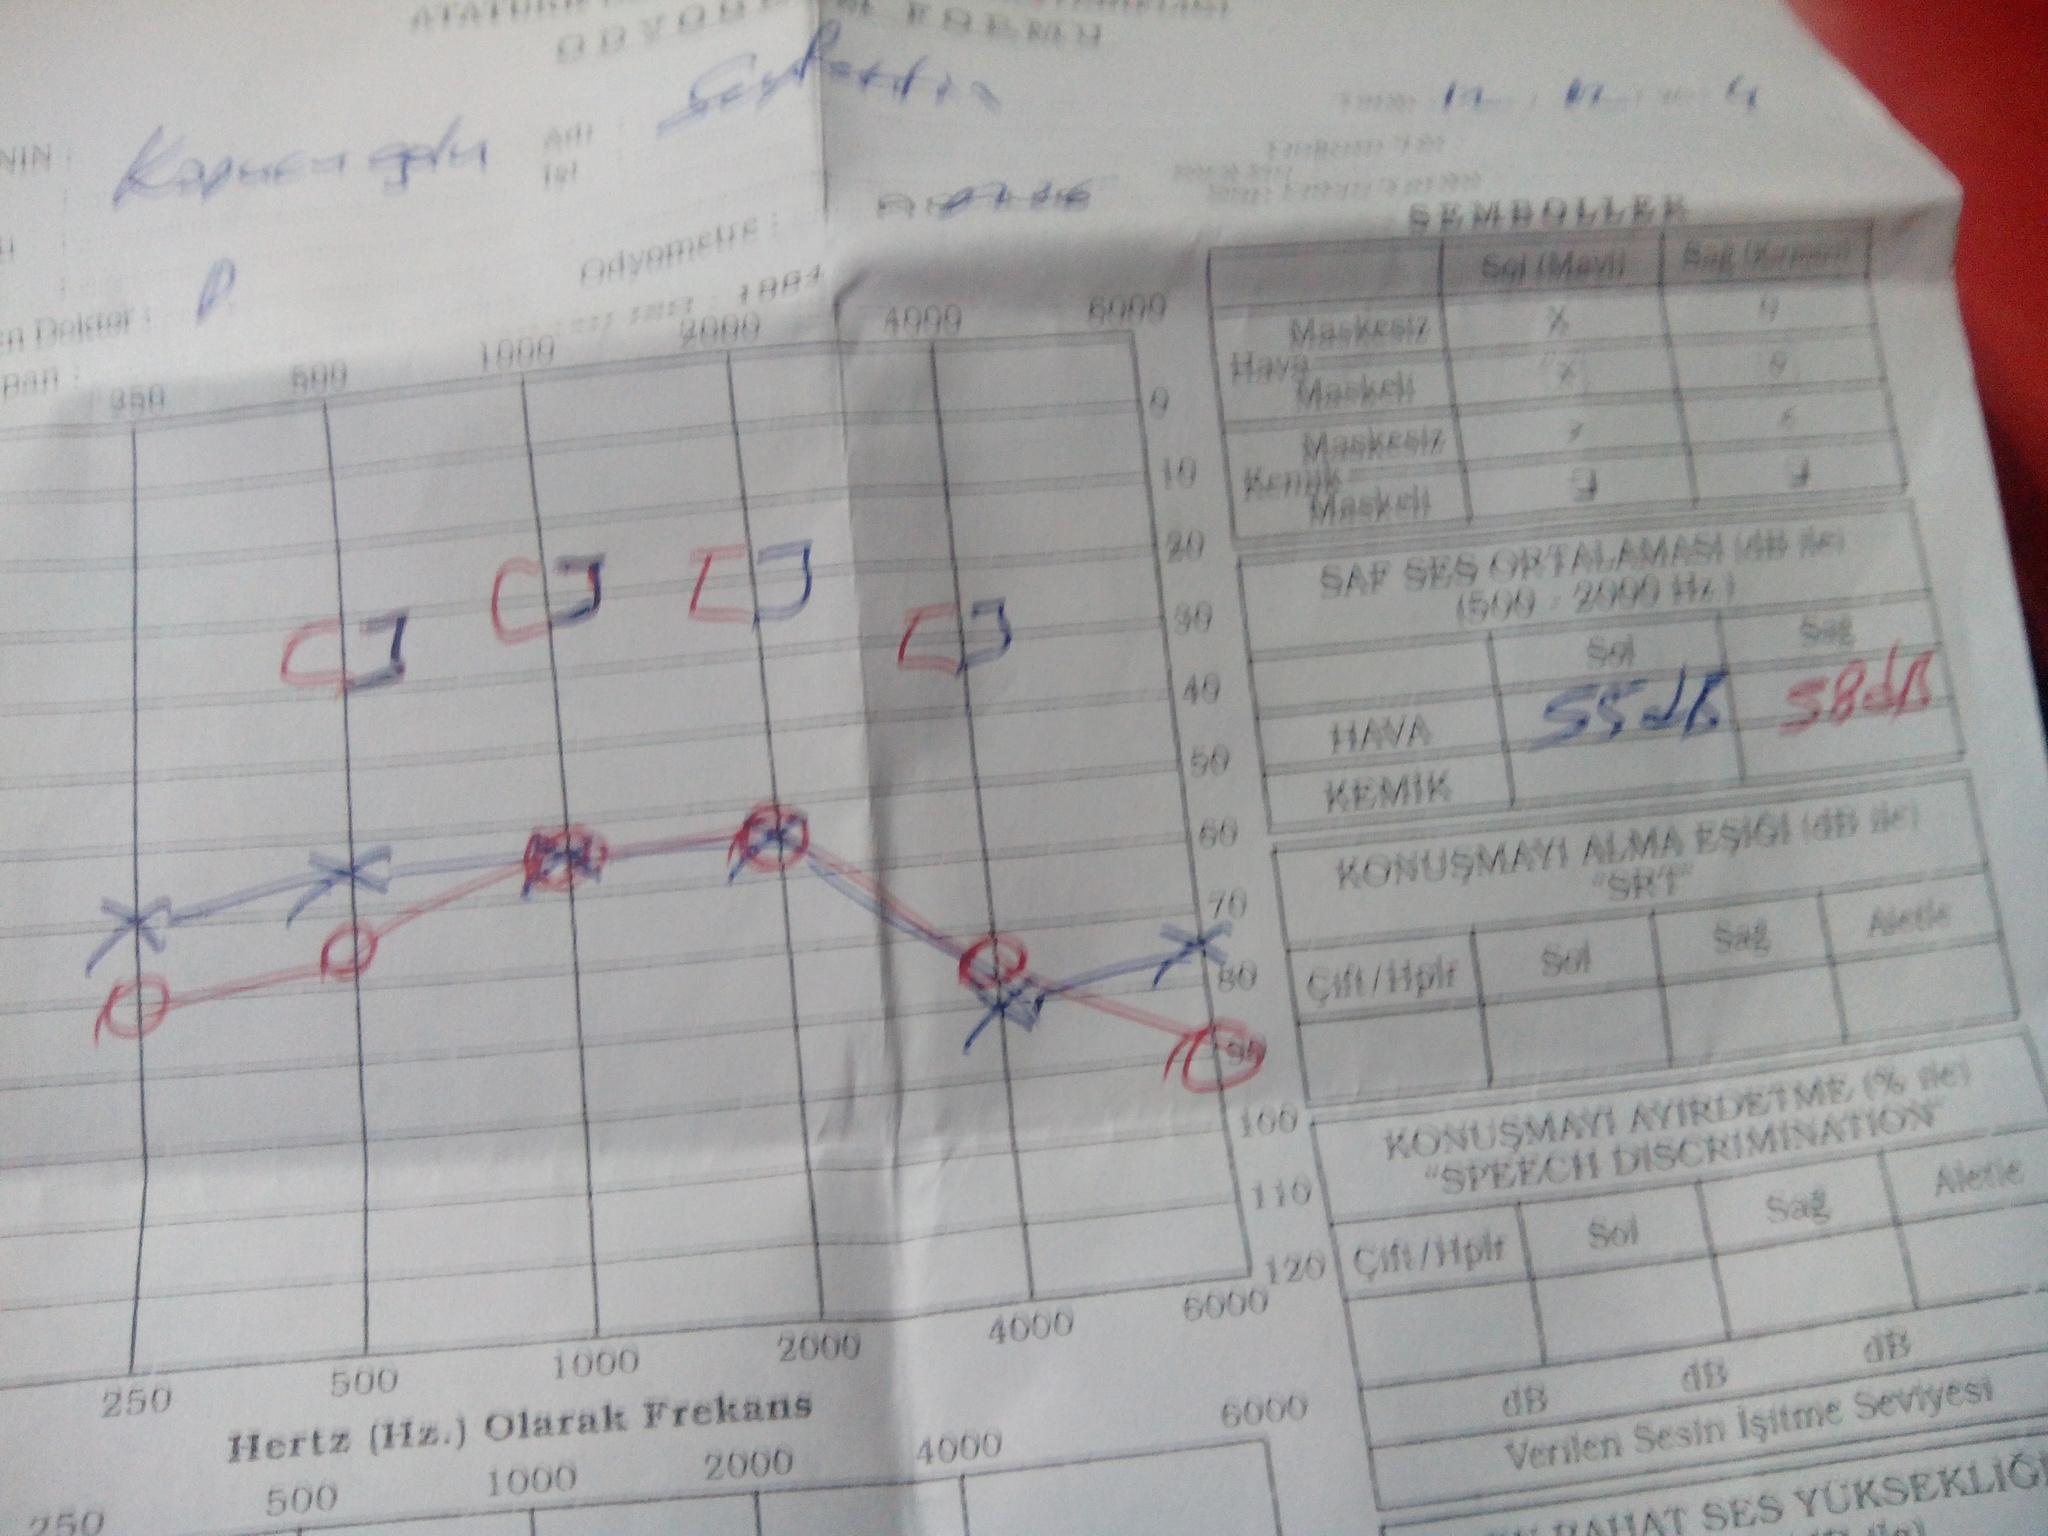 BRr5O9 - İşitme testinden özür oranı hesaplanması